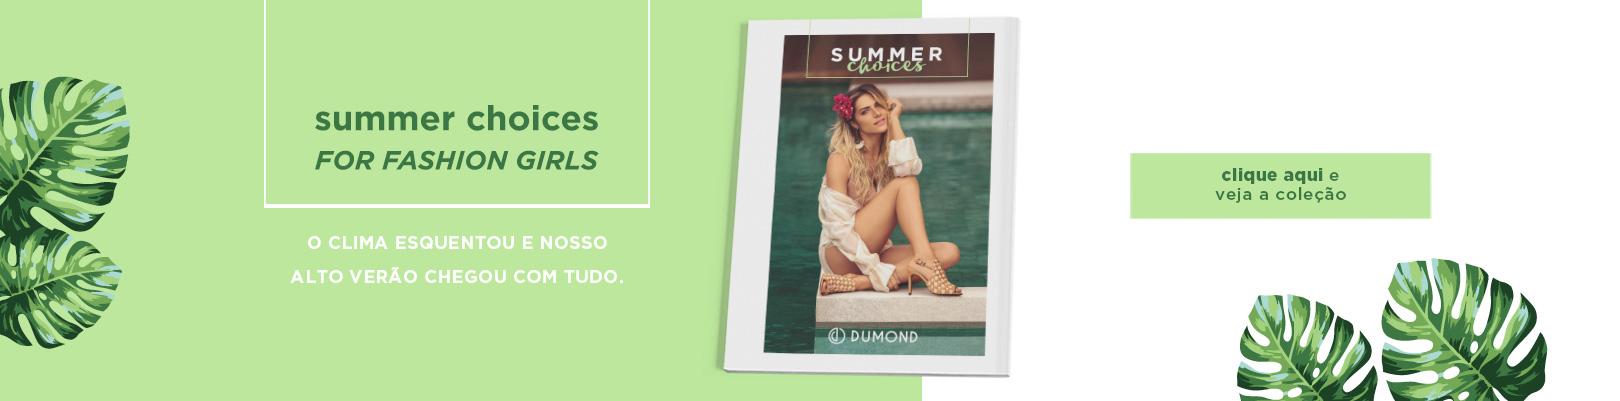 Alto Verão, conheça as novidades!